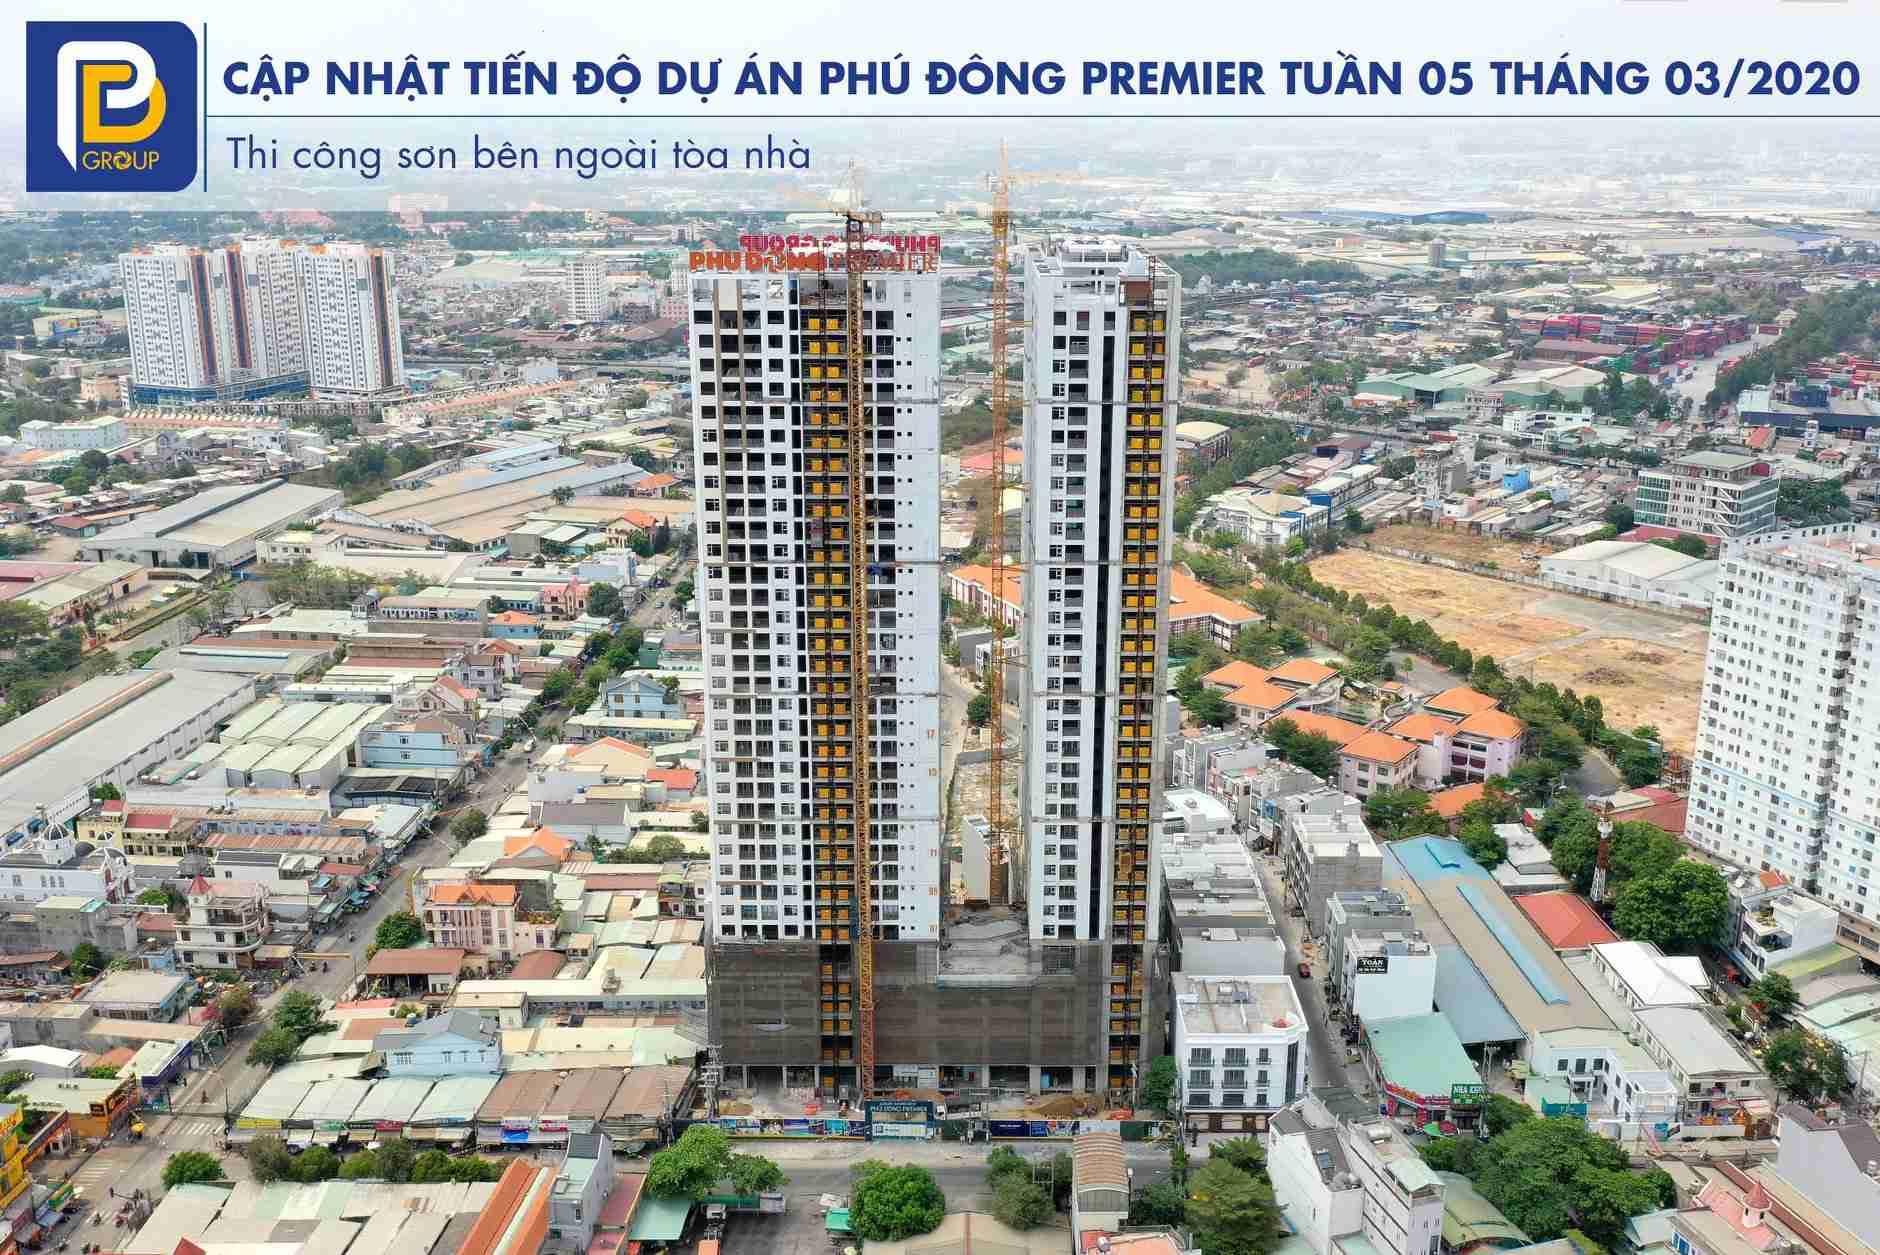 Phú Đông Home